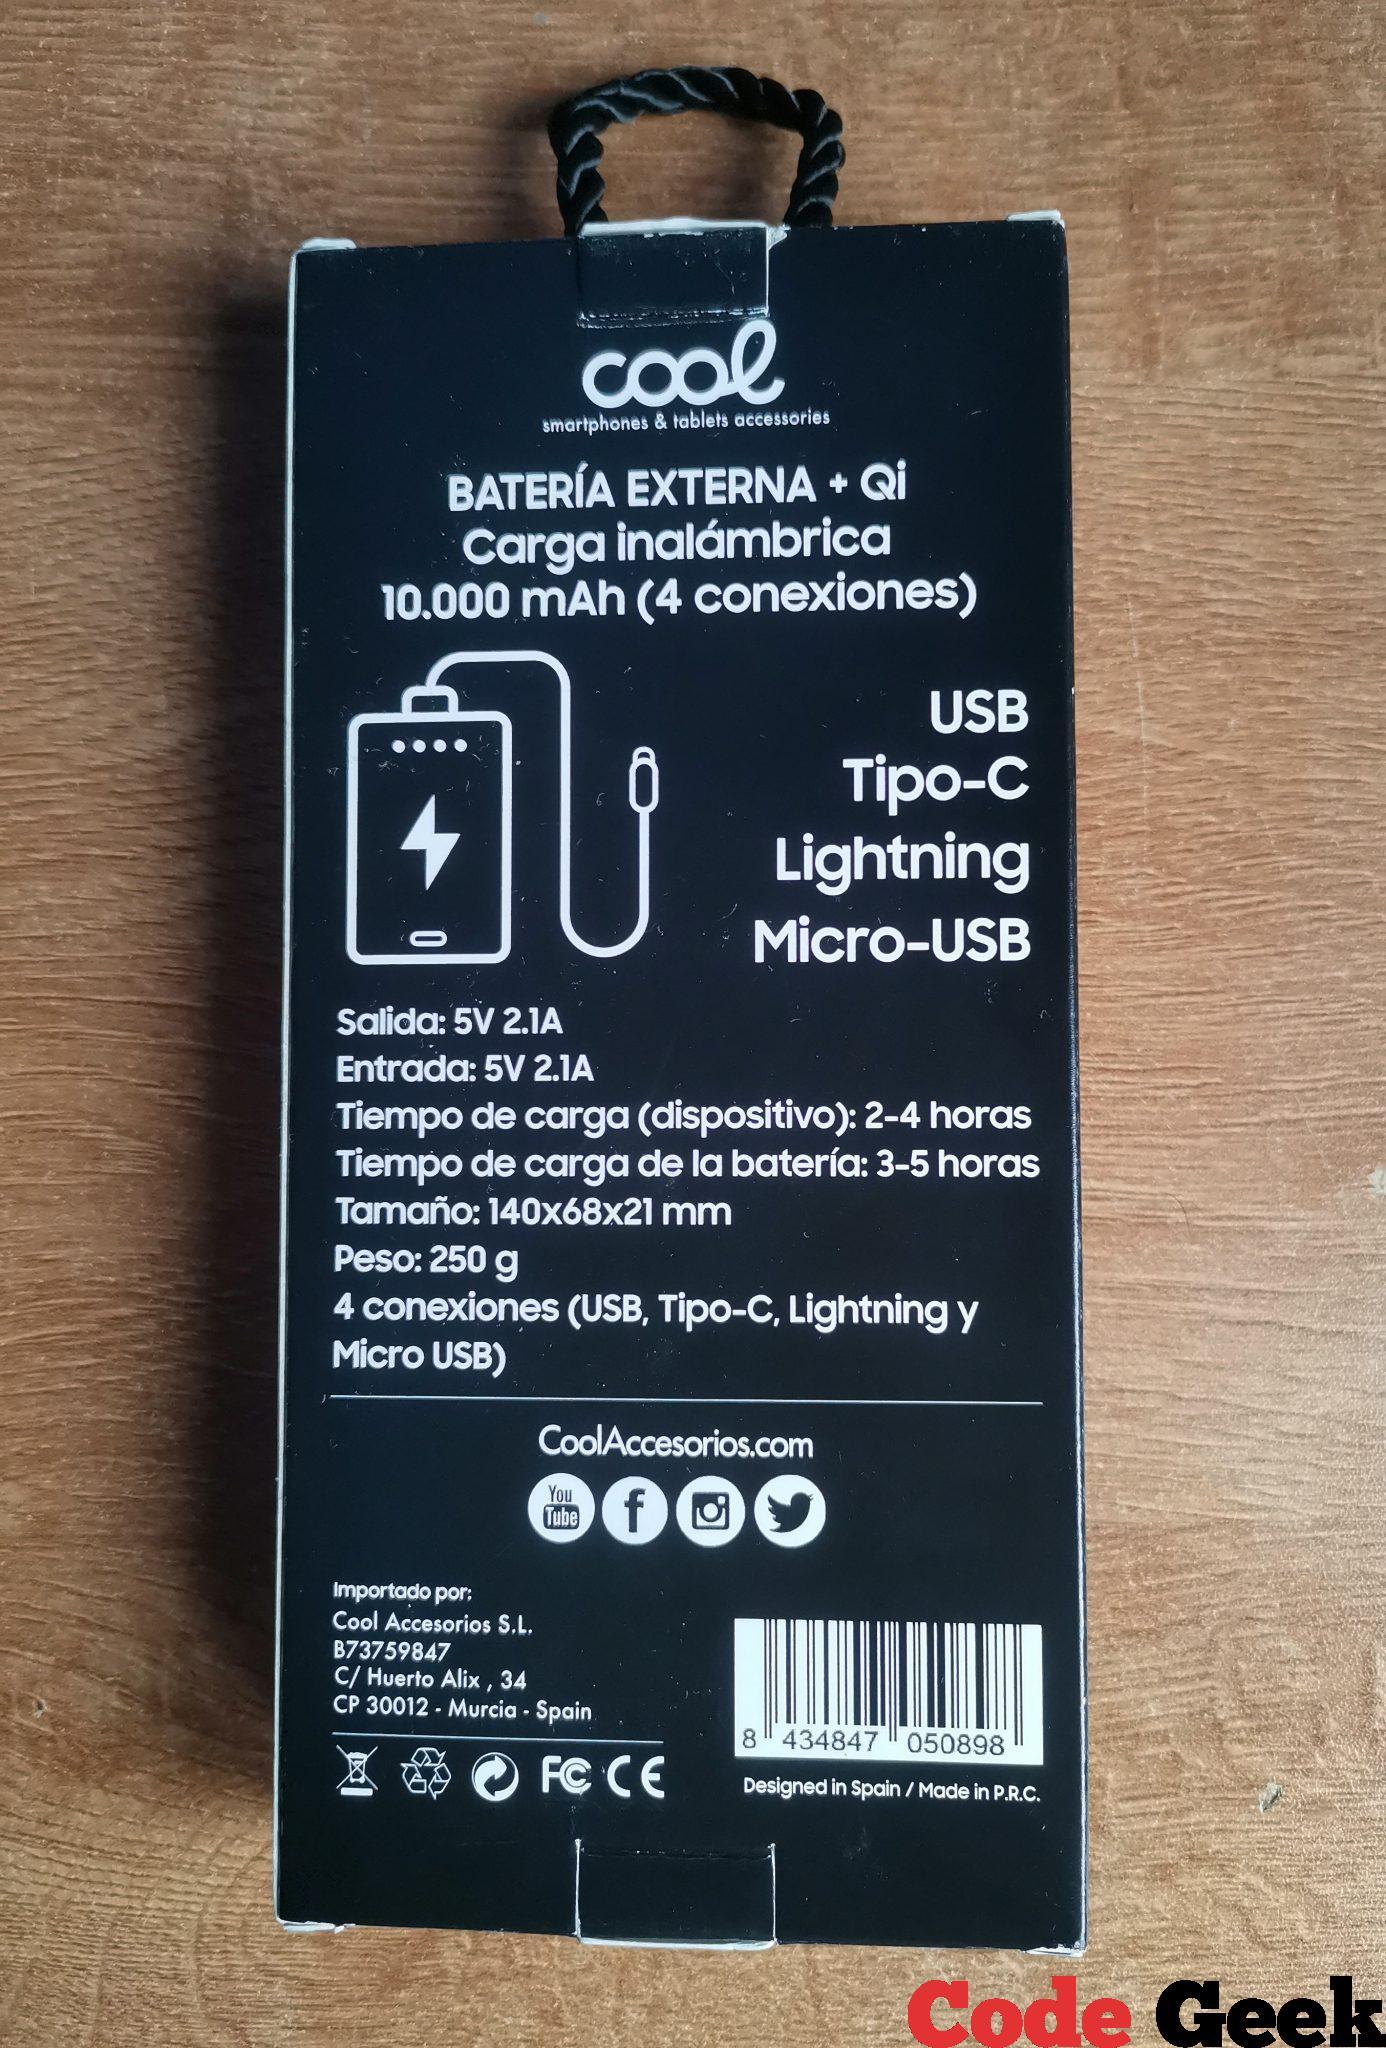 Batería Externa de 10.000 mAh + Qi Carga Inalámbrica (4 conexiones) de COOL Accesorios — Review en Español